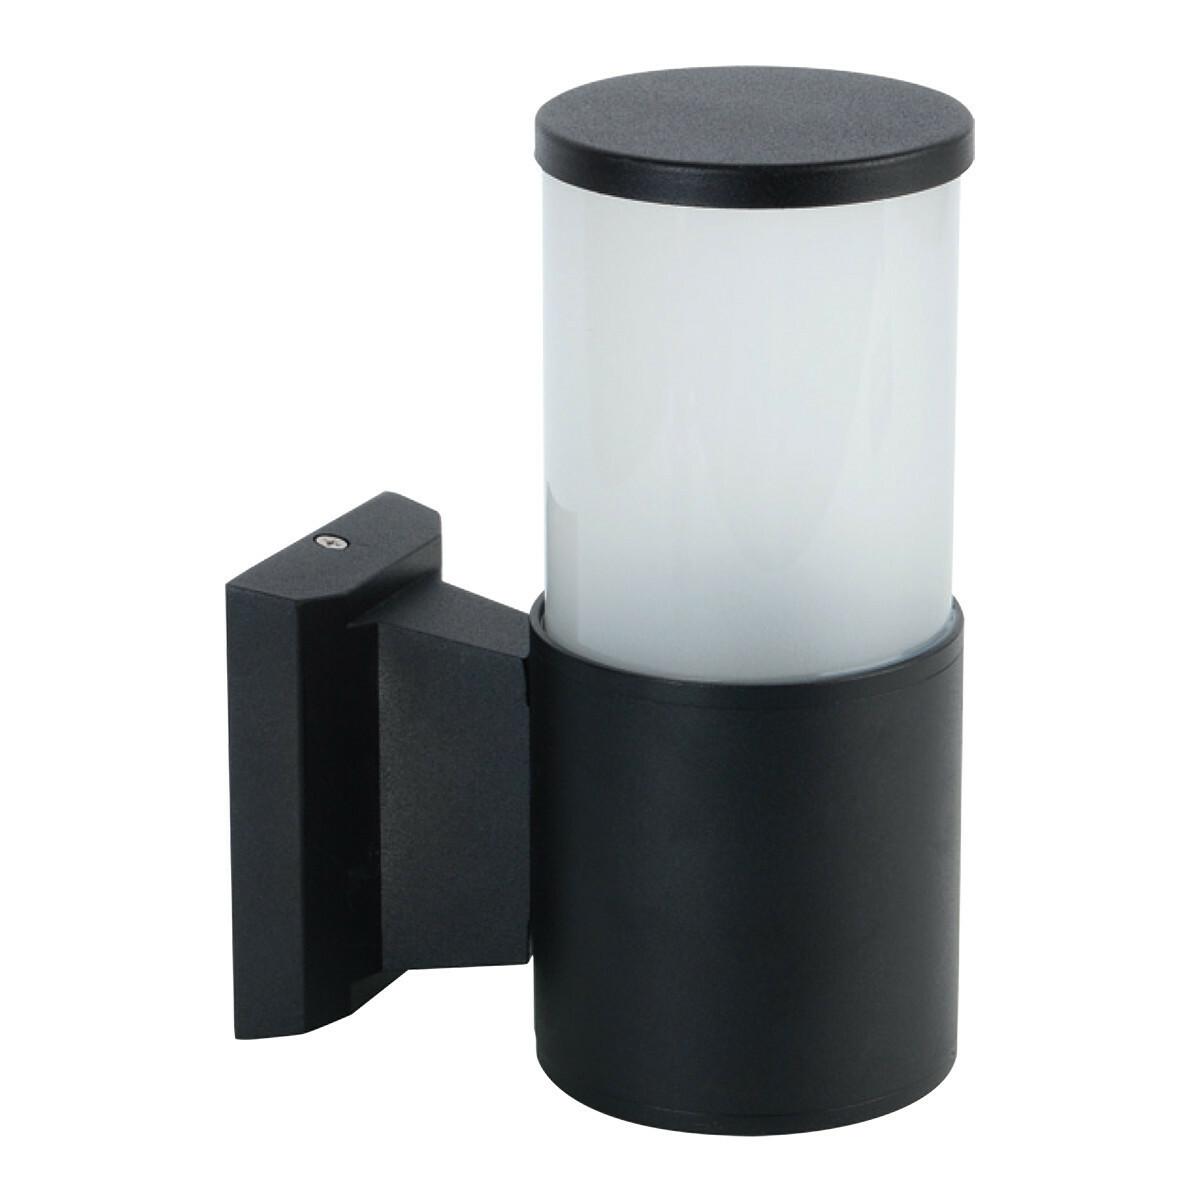 PHILIPS - LED Tuinverlichting - Wandlamp Buiten - CorePro LEDbulb 827 A60 - Kavy 2 - E27 Fitting - 8